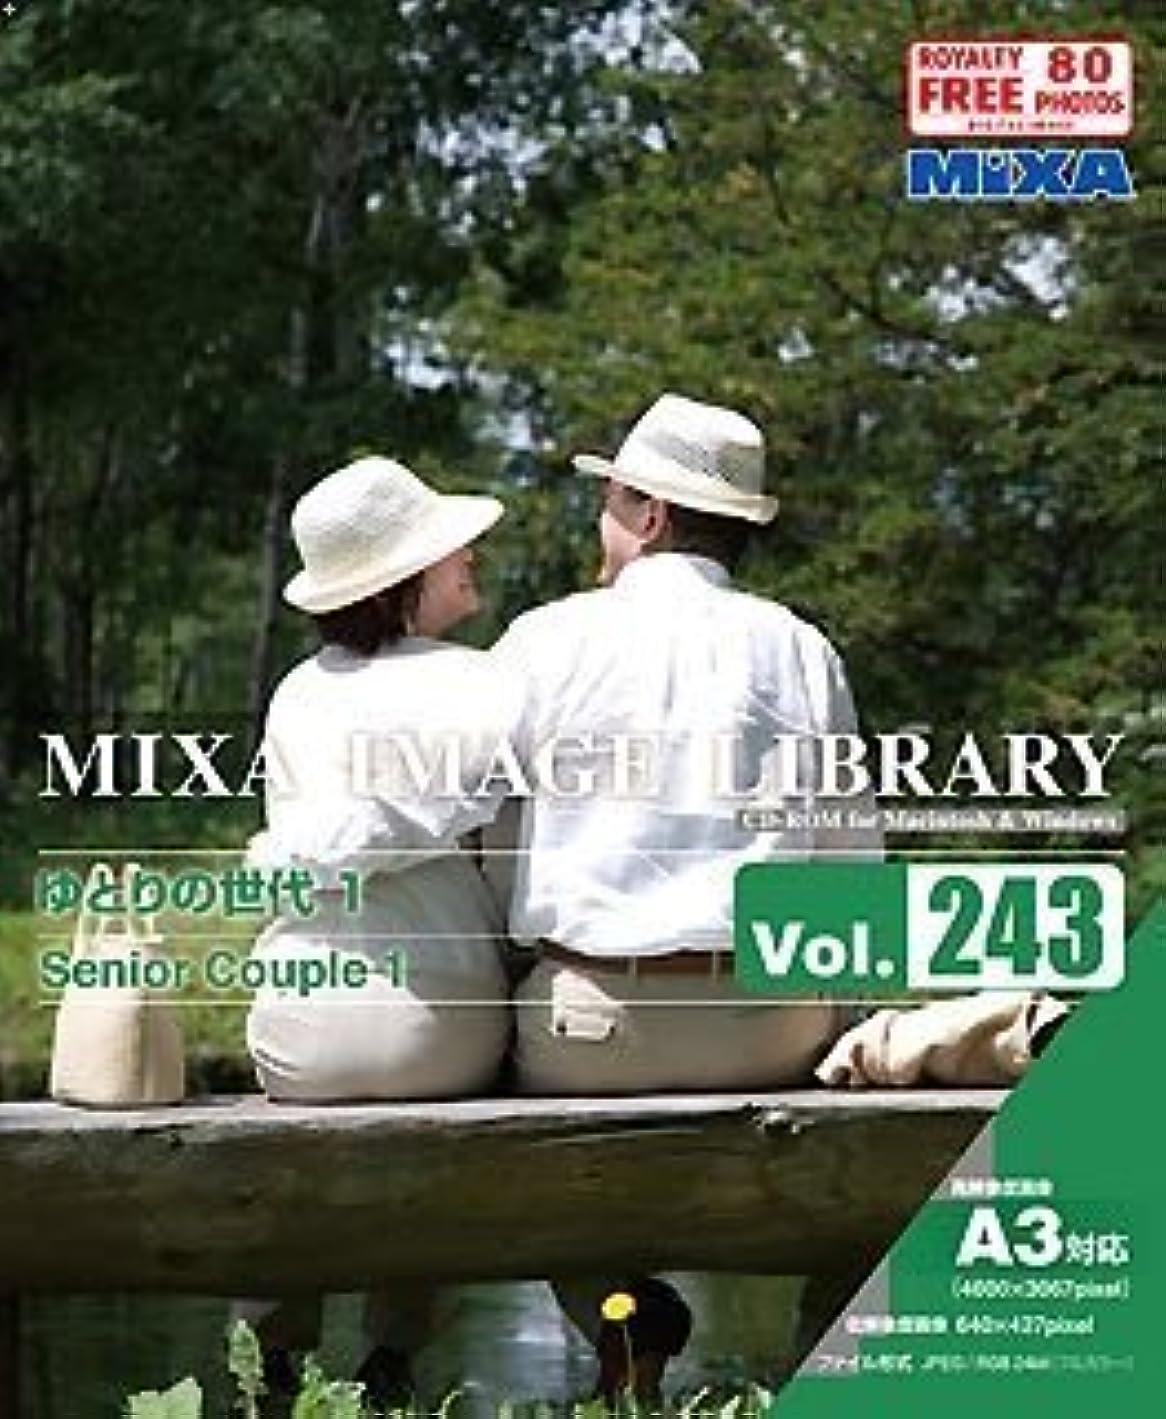 マッシュオープナー妖精MIXA Image Library Vol.243 ゆとりの世代1